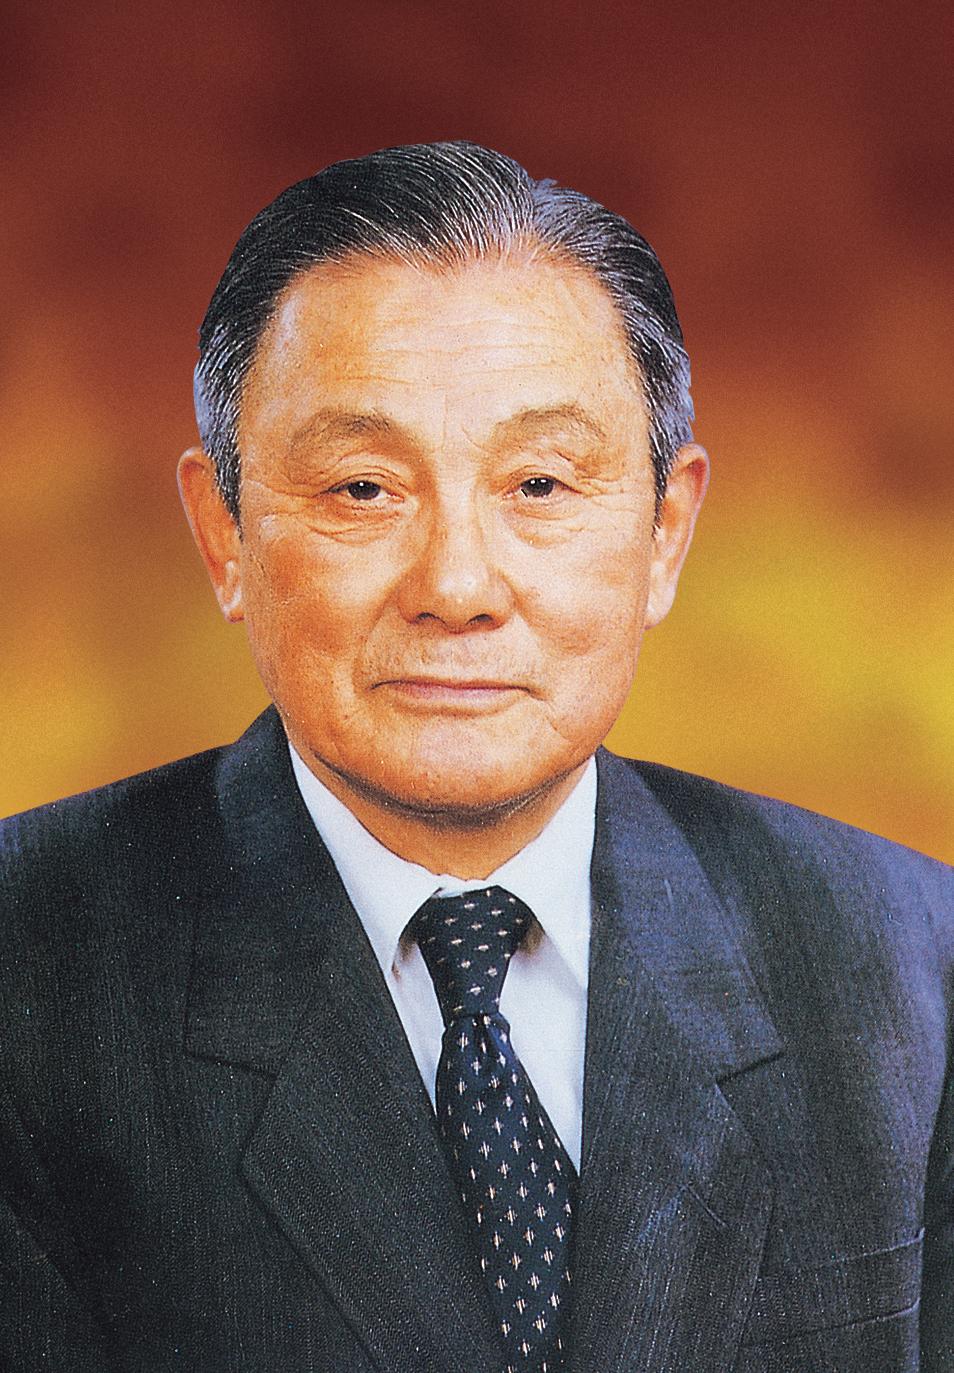 江绍基(1919—1995),江苏无锡人,中国工程院首批院士、中国消化病学奠基人之一。